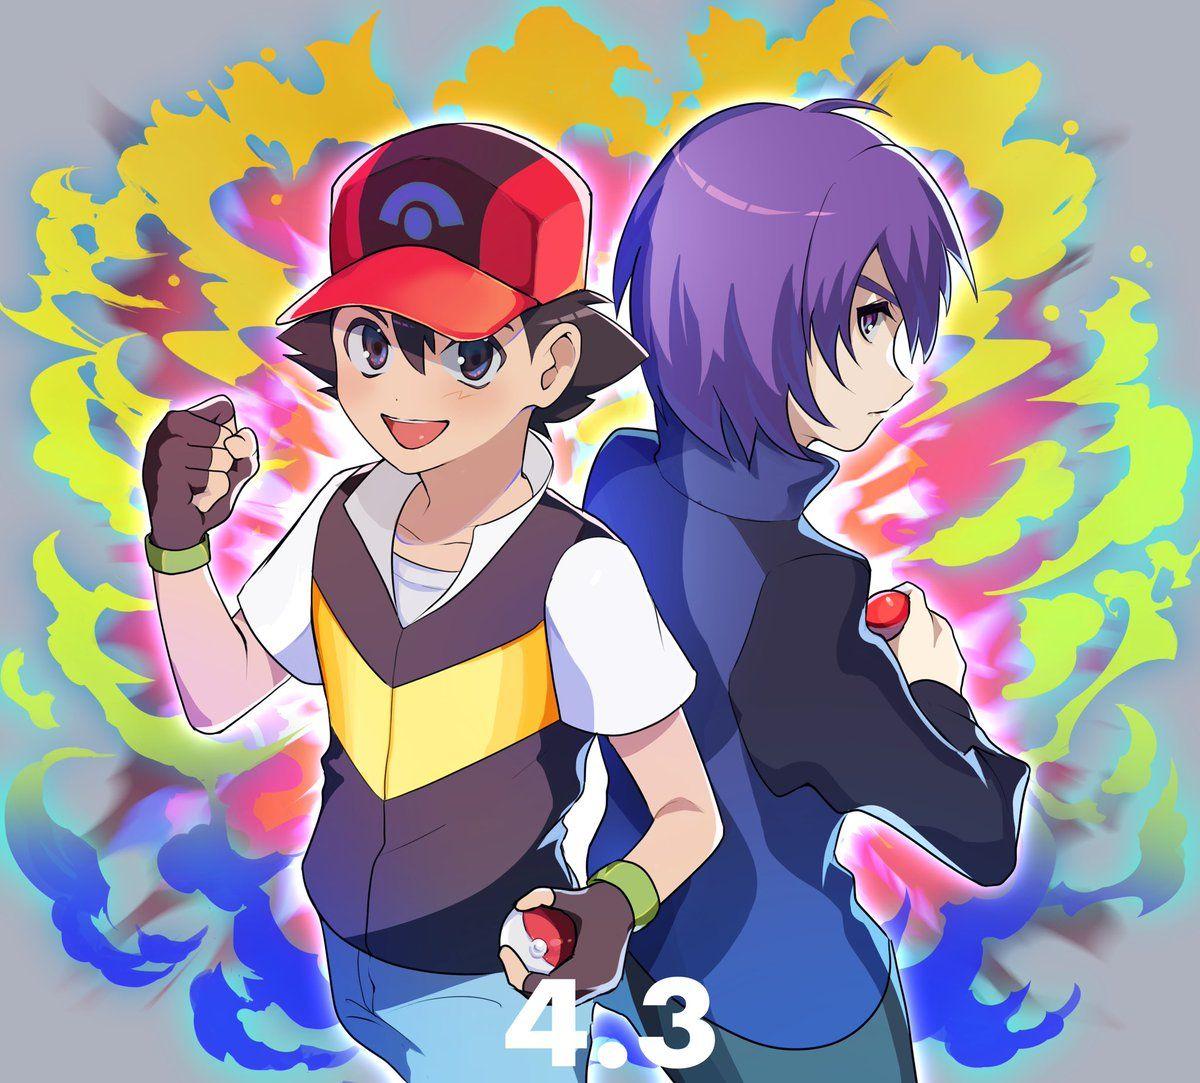 たなか on Twitter in 2020 Pokemon, Anime, Pokemon ships